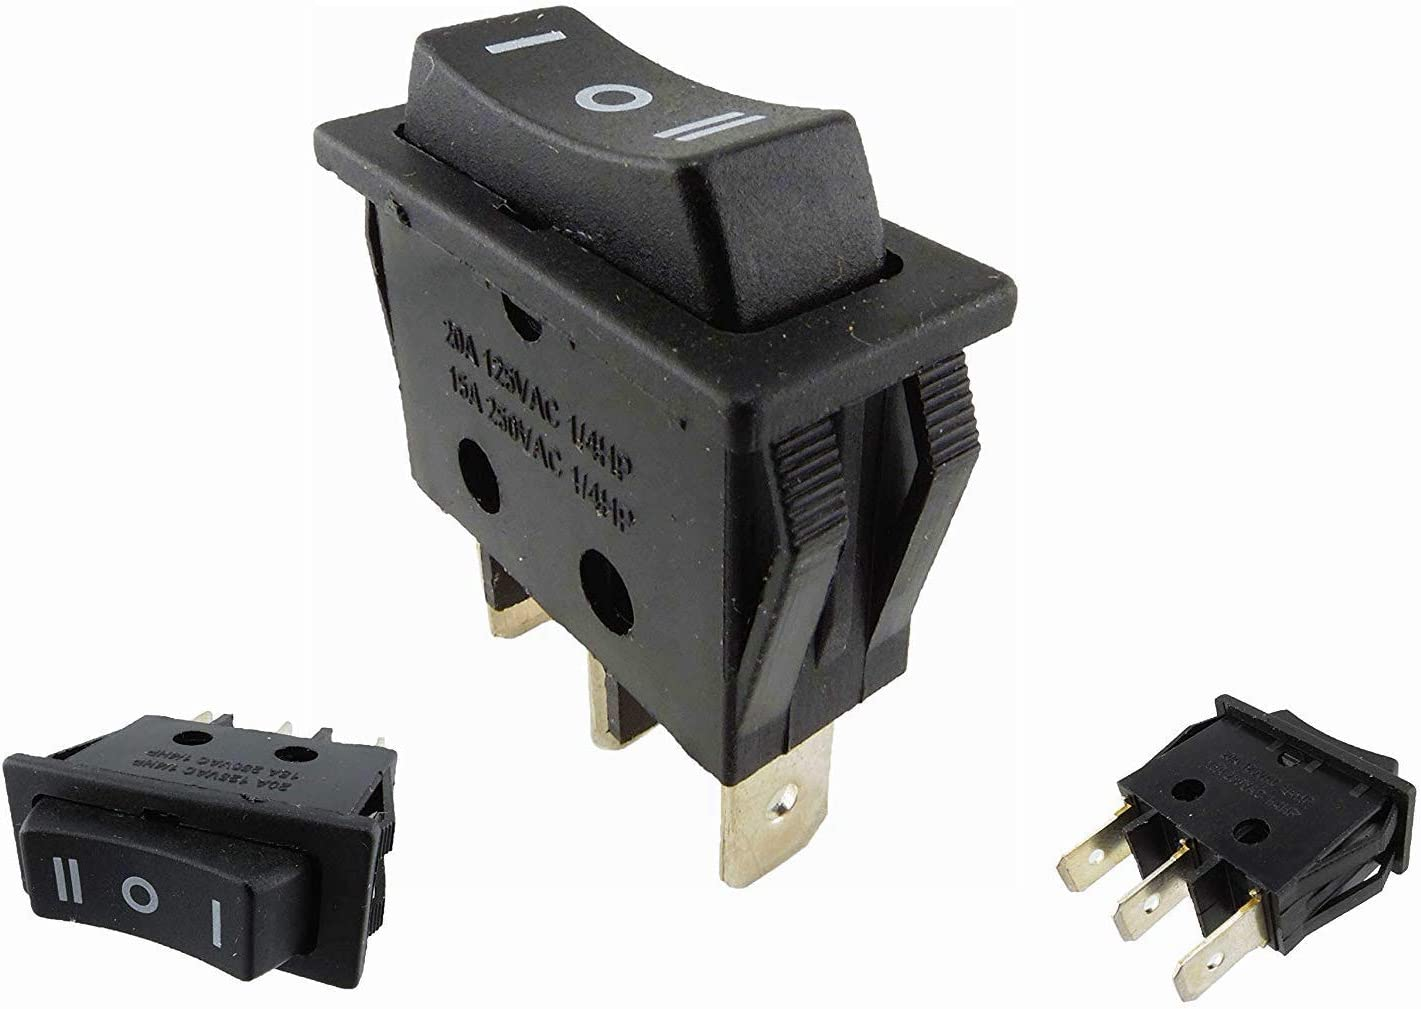 Wipptaster Taster 3 Pin On Off On Einbau 30 9 10 8 24mm 15a 250 5 Baumarkt